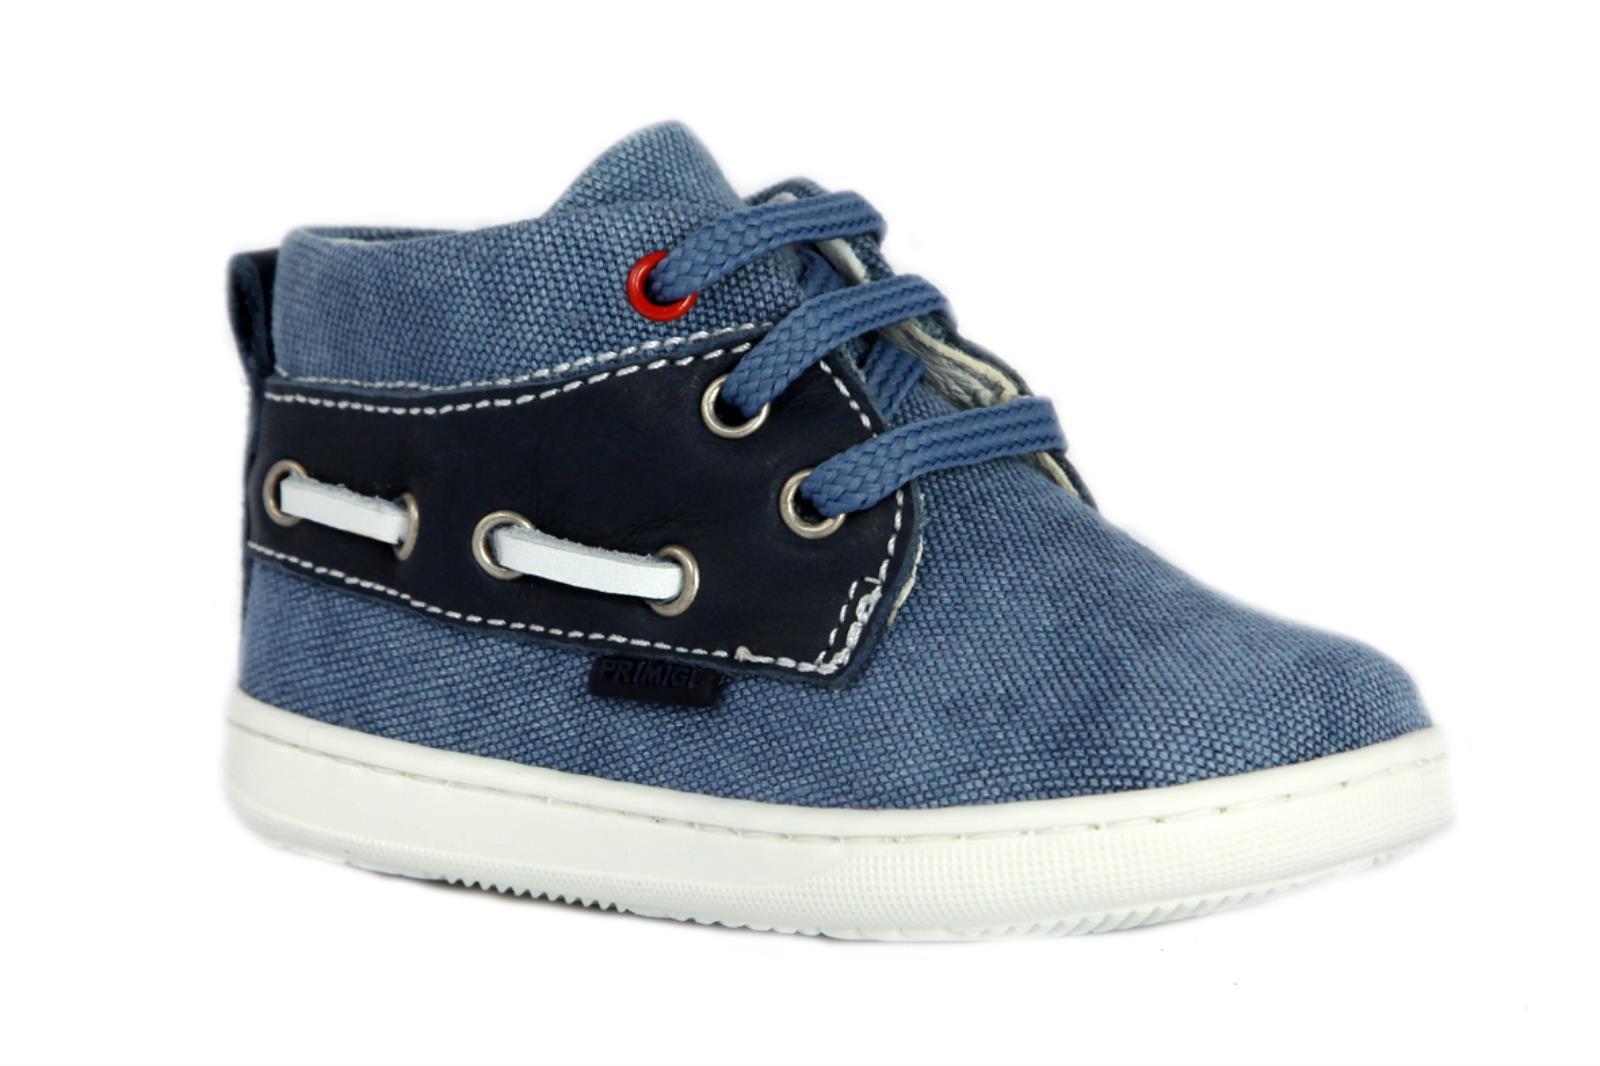 Sneakers Estate blu navy per bambini Primigi Explorar El Precio Barato Sitios Web Precio Barato Clásica Línea Barata Barato Mejor Tienda A Comprar swa7mYVl